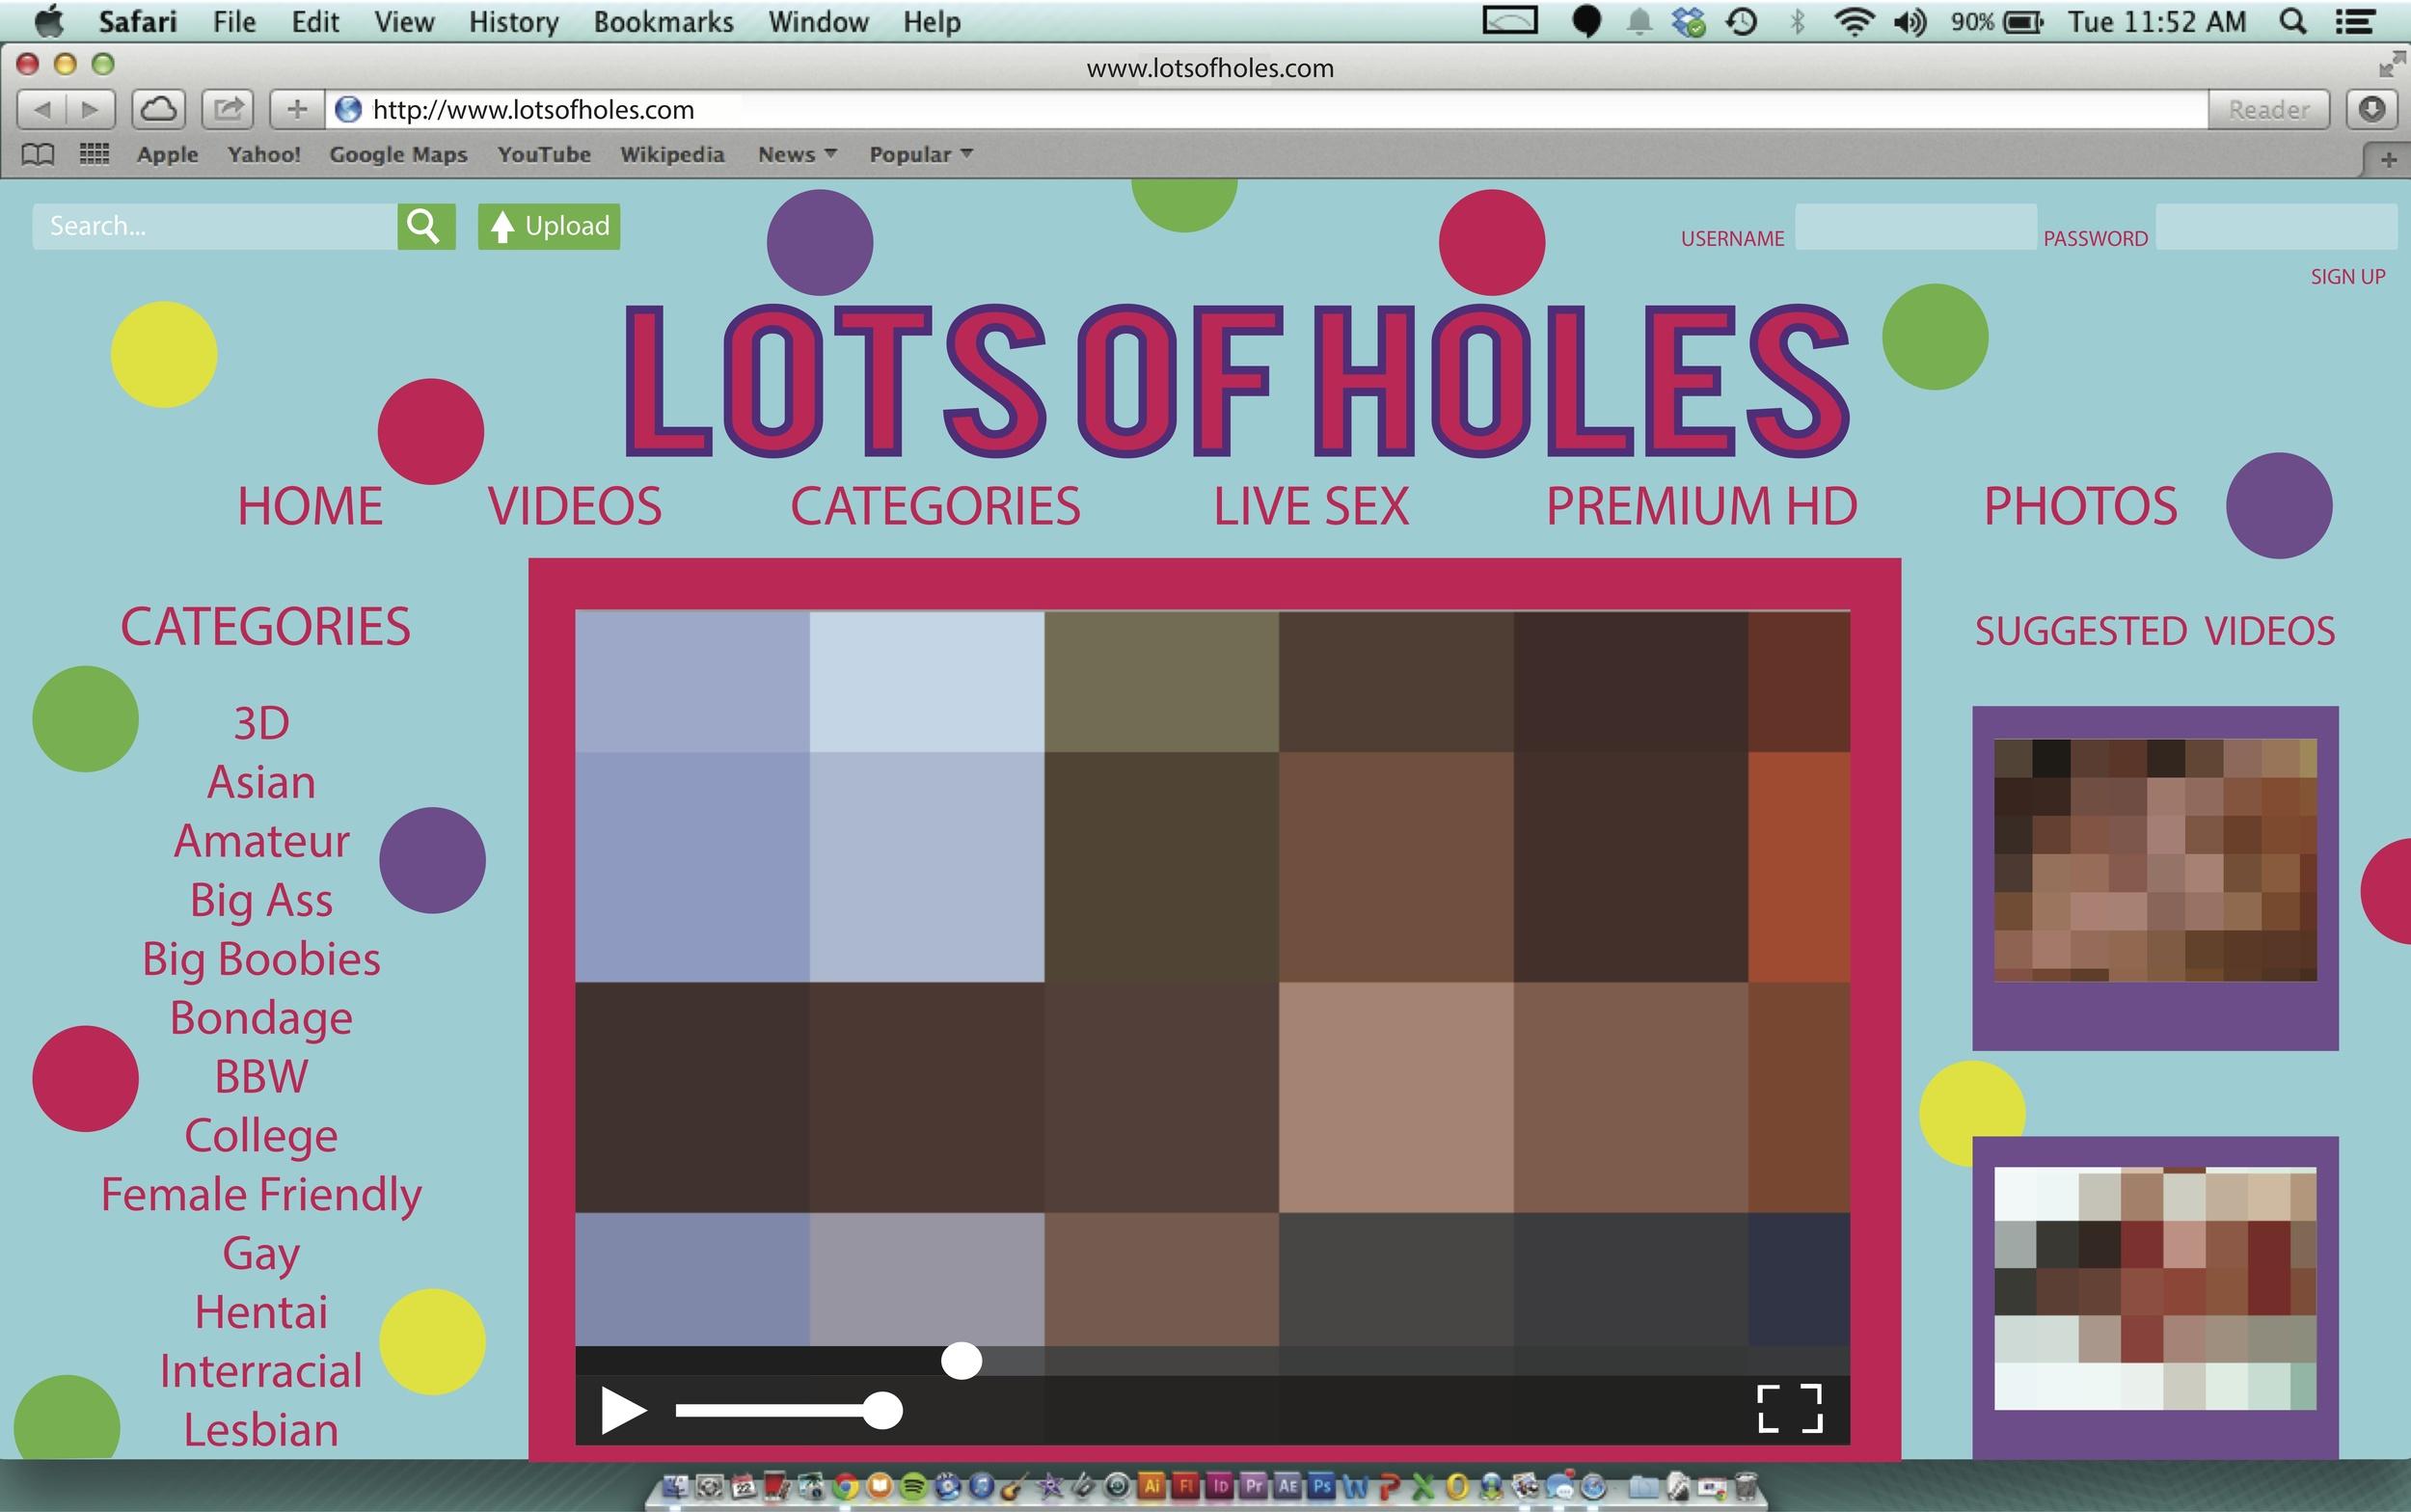 lots_of_holes_detail copy.jpg